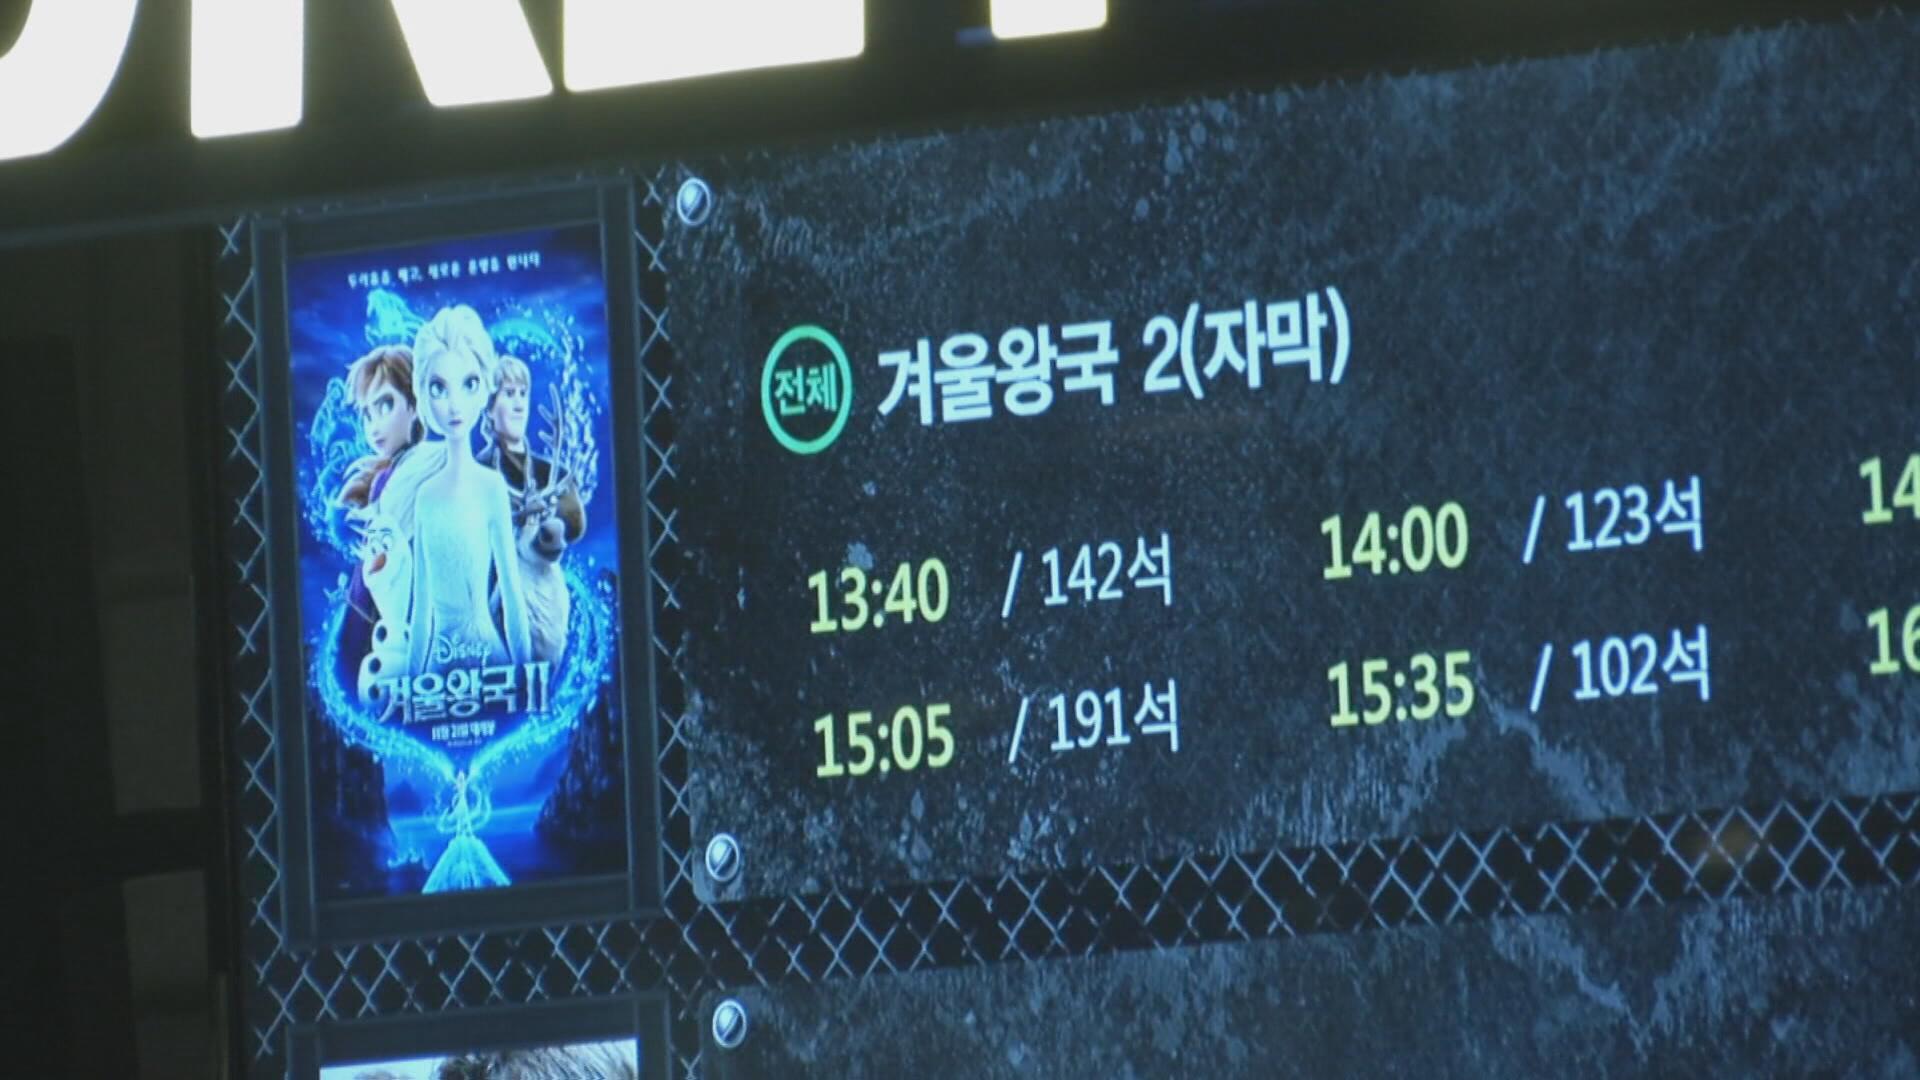 '겨울왕국2' 스크린 독과점 논란, 상생 위한 방안은?